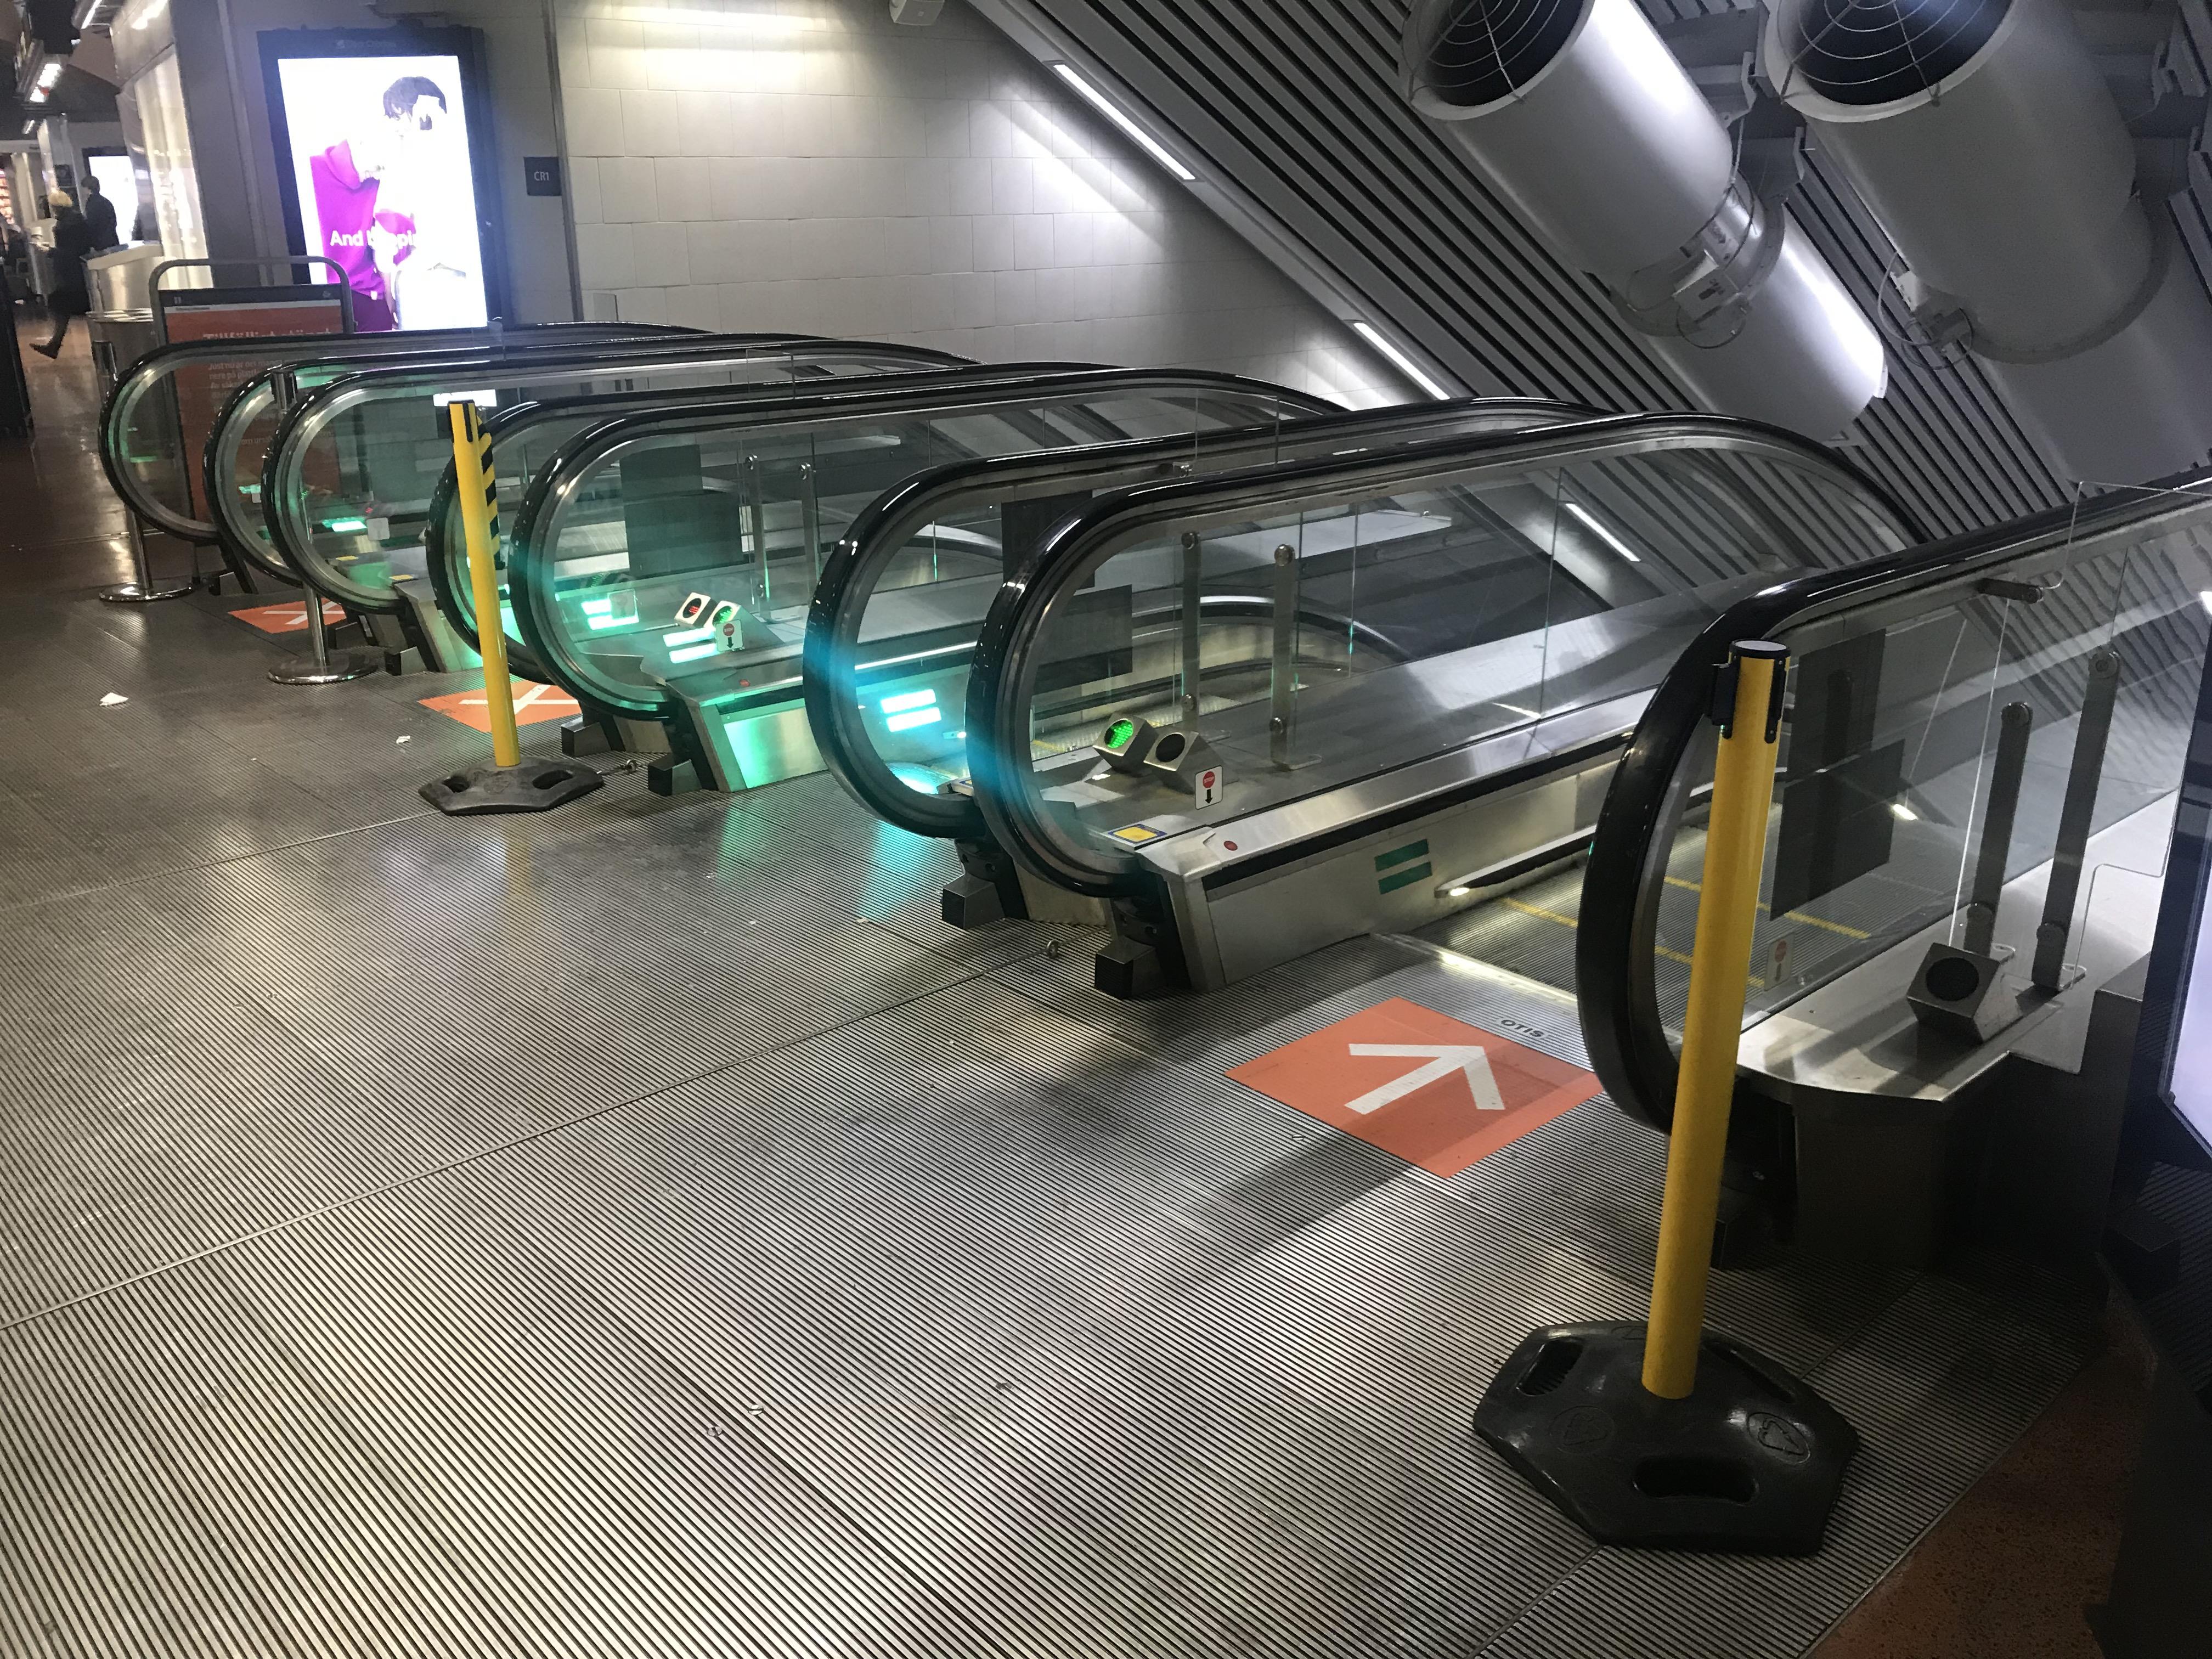 MTR Express väljer oss som leverantör av avspärrningsstolpar till Stockholm City.